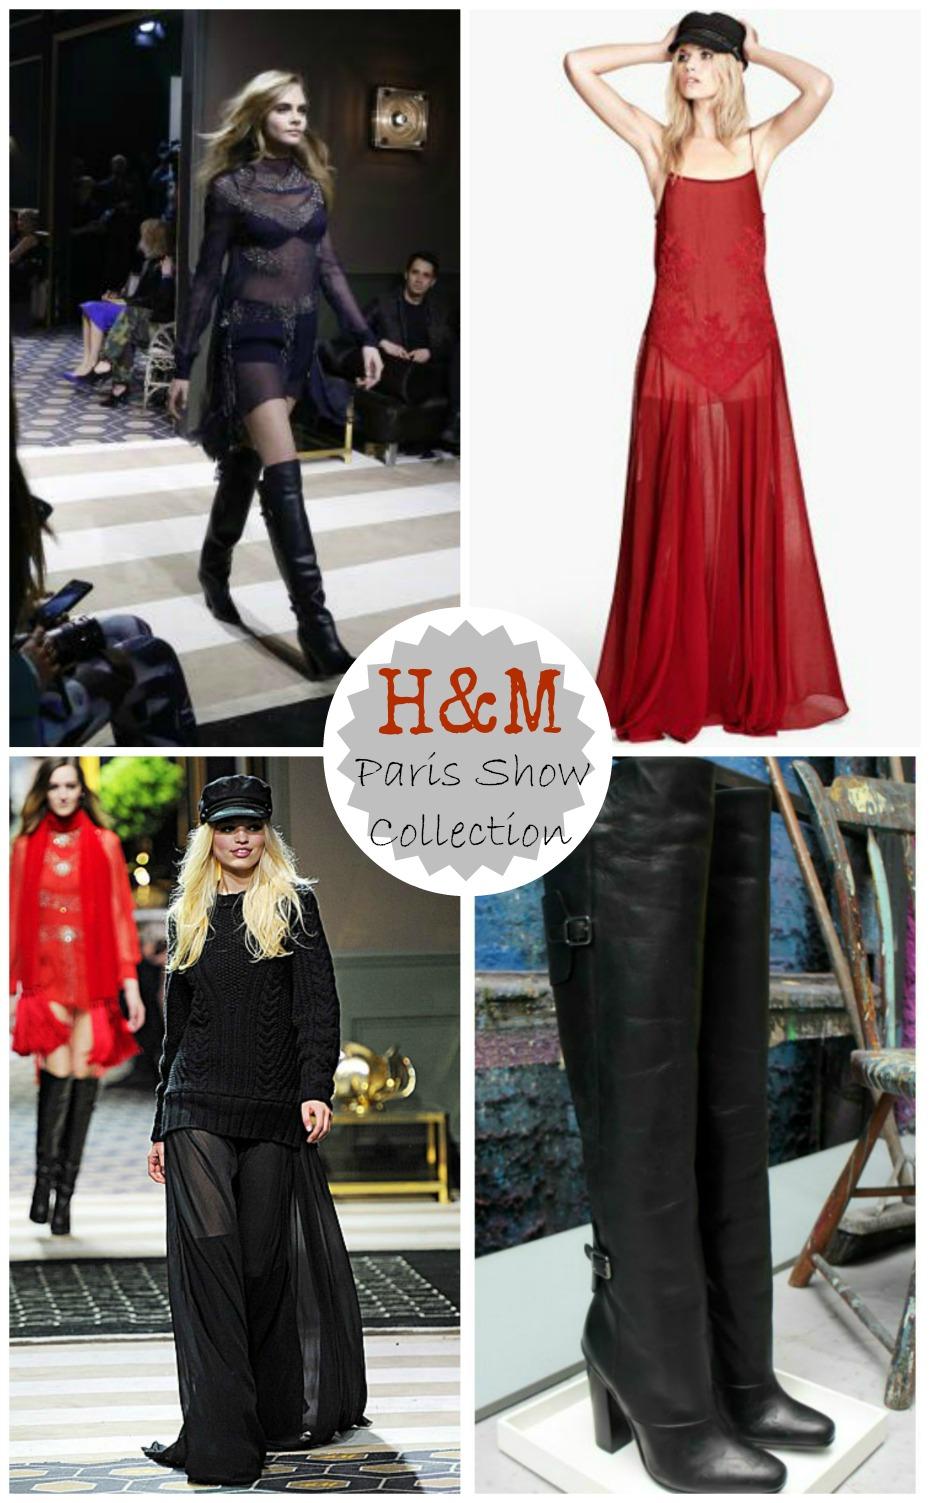 h&m paris show collection